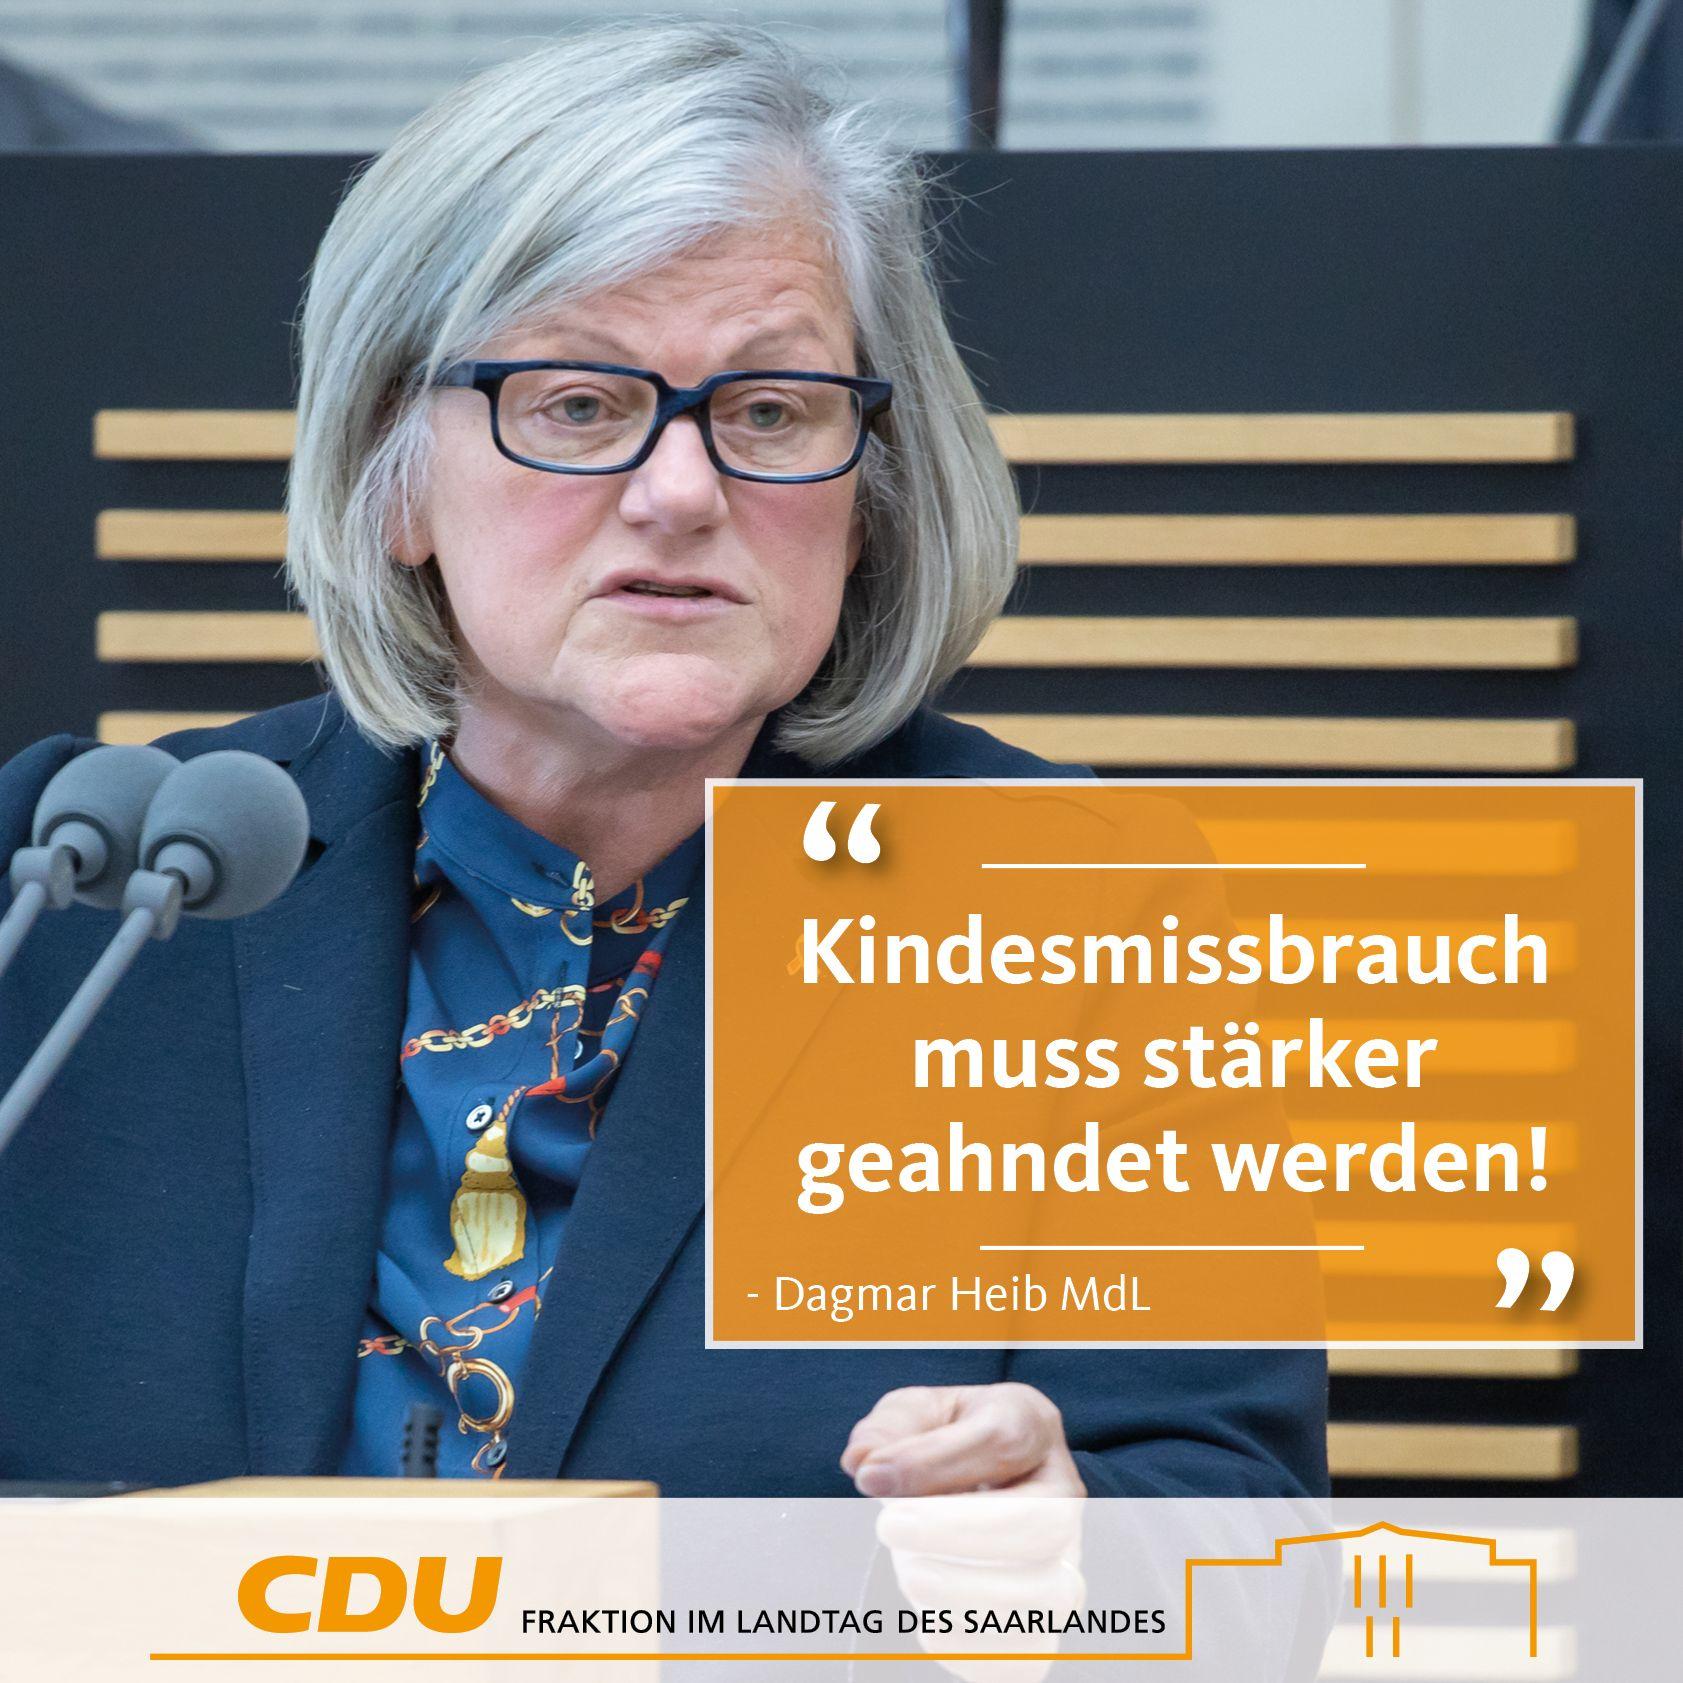 CDU Fraktion des Saarlandes: Vorsitzende des Untersuchungsausschusses Dagmar Heib fordert Strafrechtsreform – Täter sollen härtere Strafen erhalten